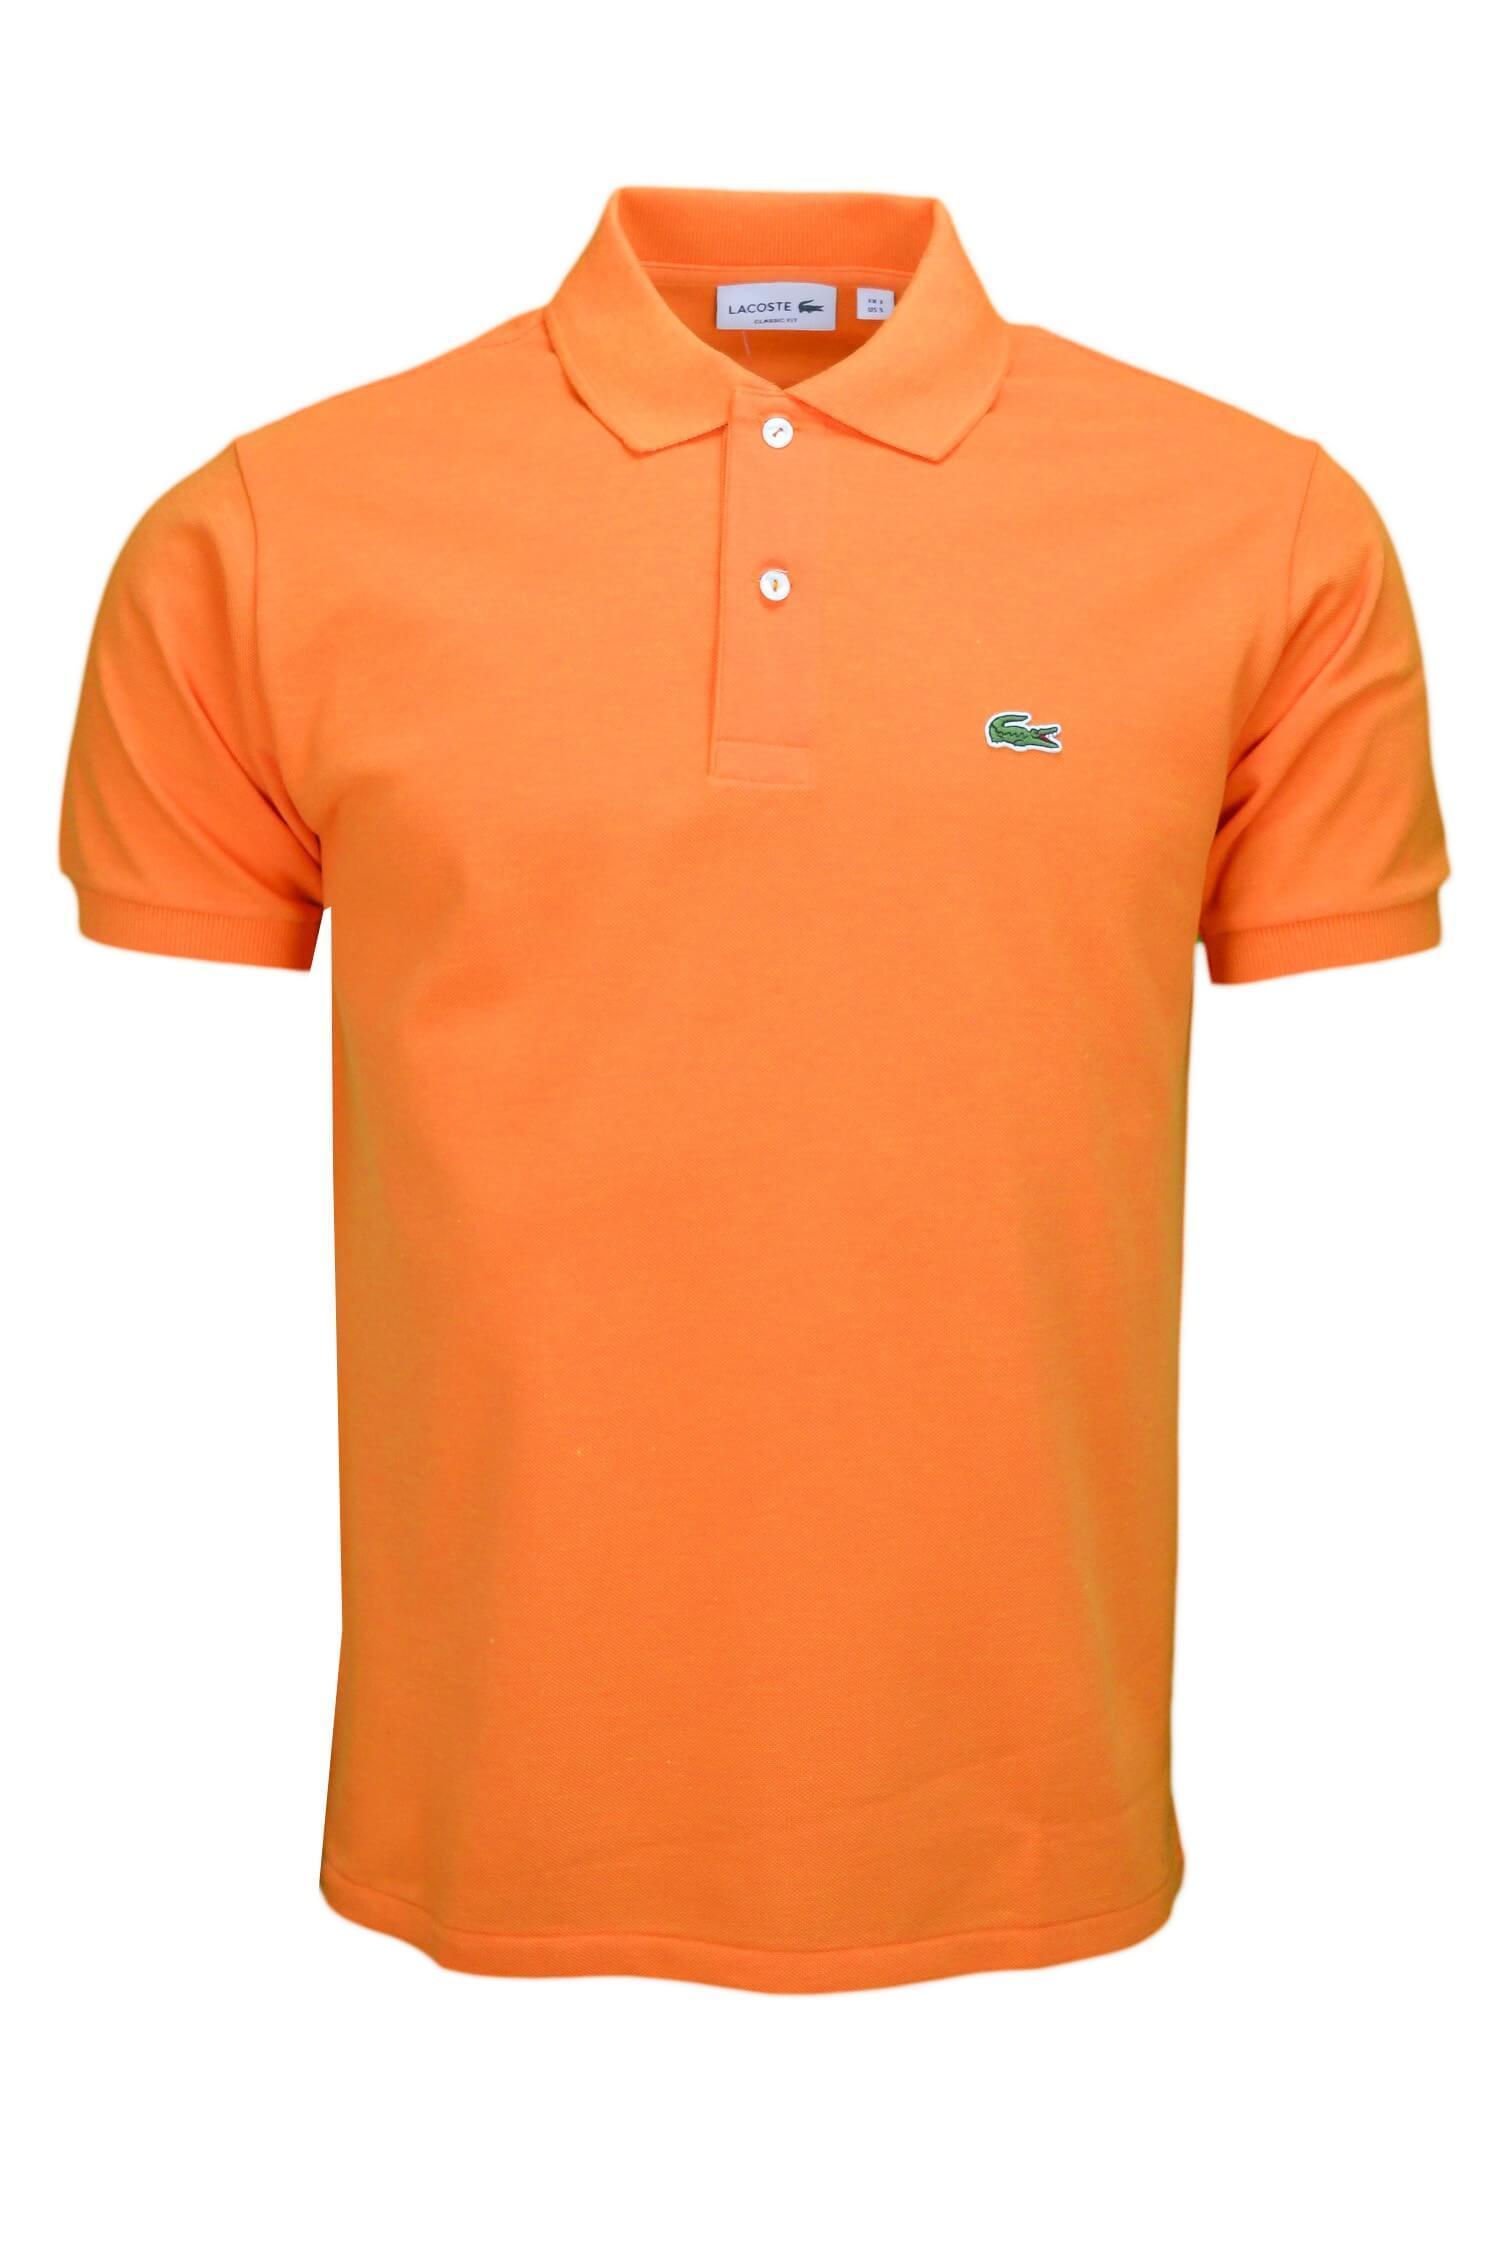 5f1fe2f689 Polo Lacoste L1212 classic fit orange pour homme - Toujours au meil...